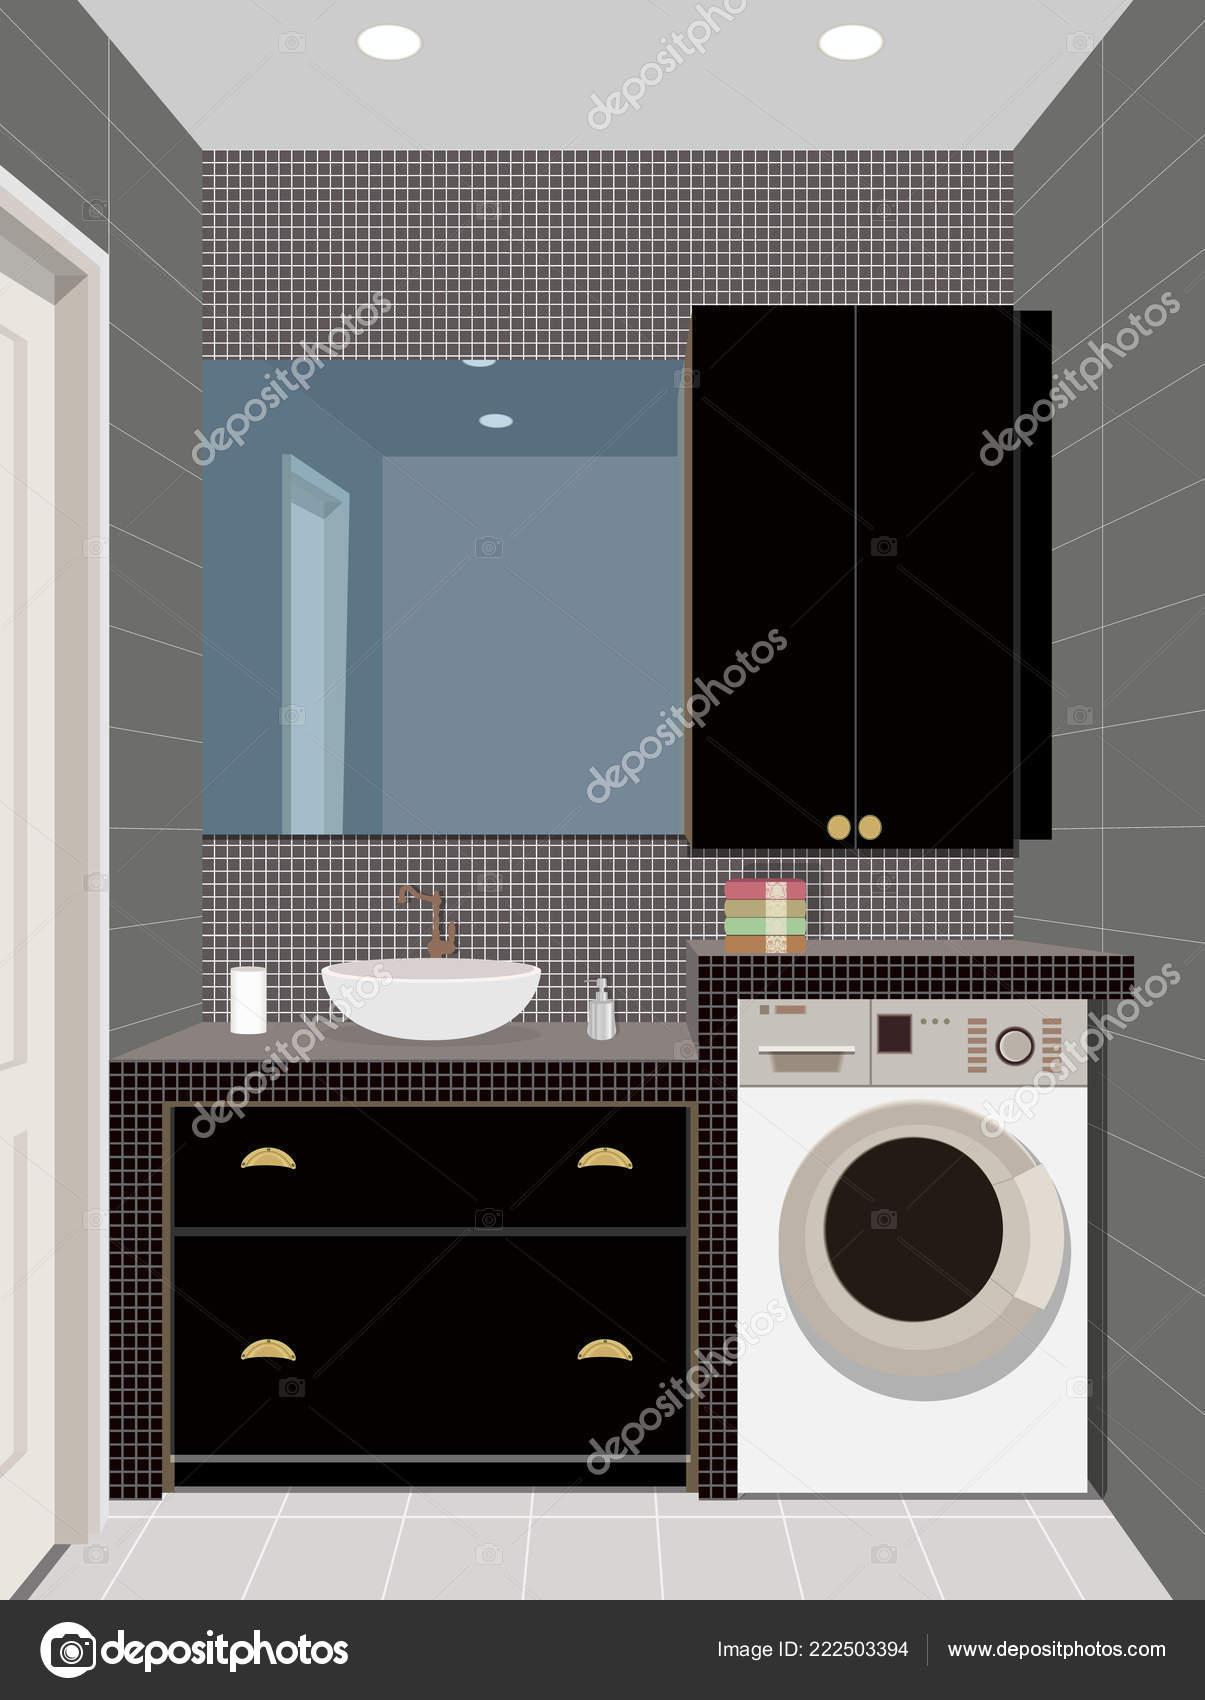 Schwarz Bad innere Hintergrund mit Möbeln. Modernes Bad ...